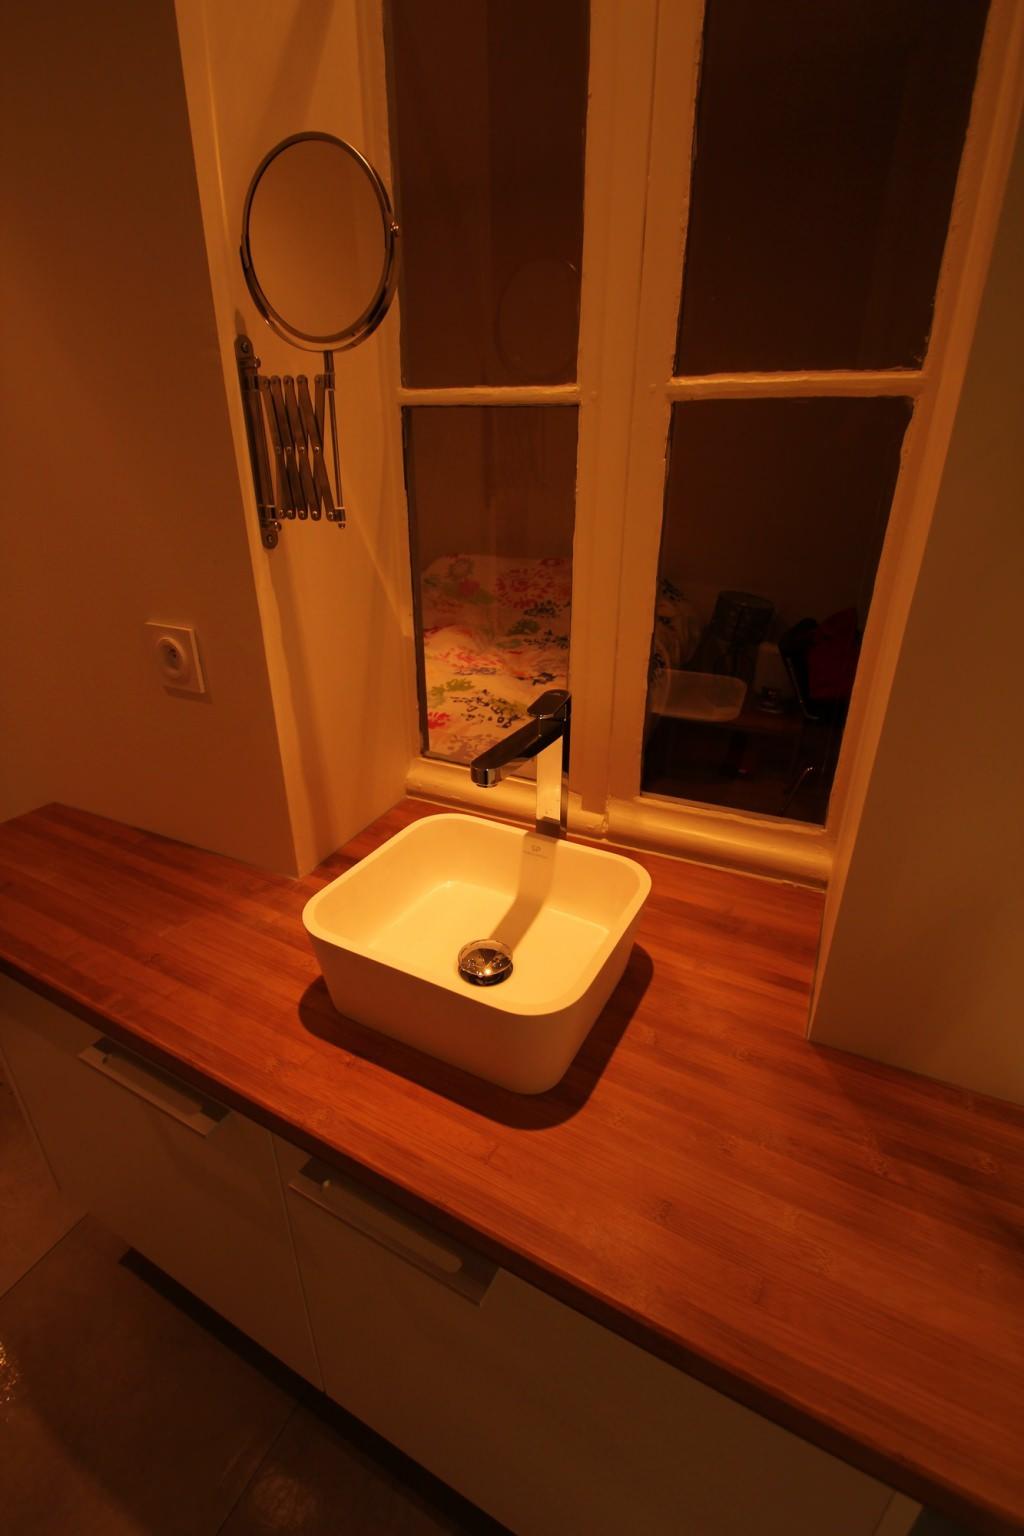 Mobilier sur mesure lynium metz salles - Salle de bain porcelanosa ...